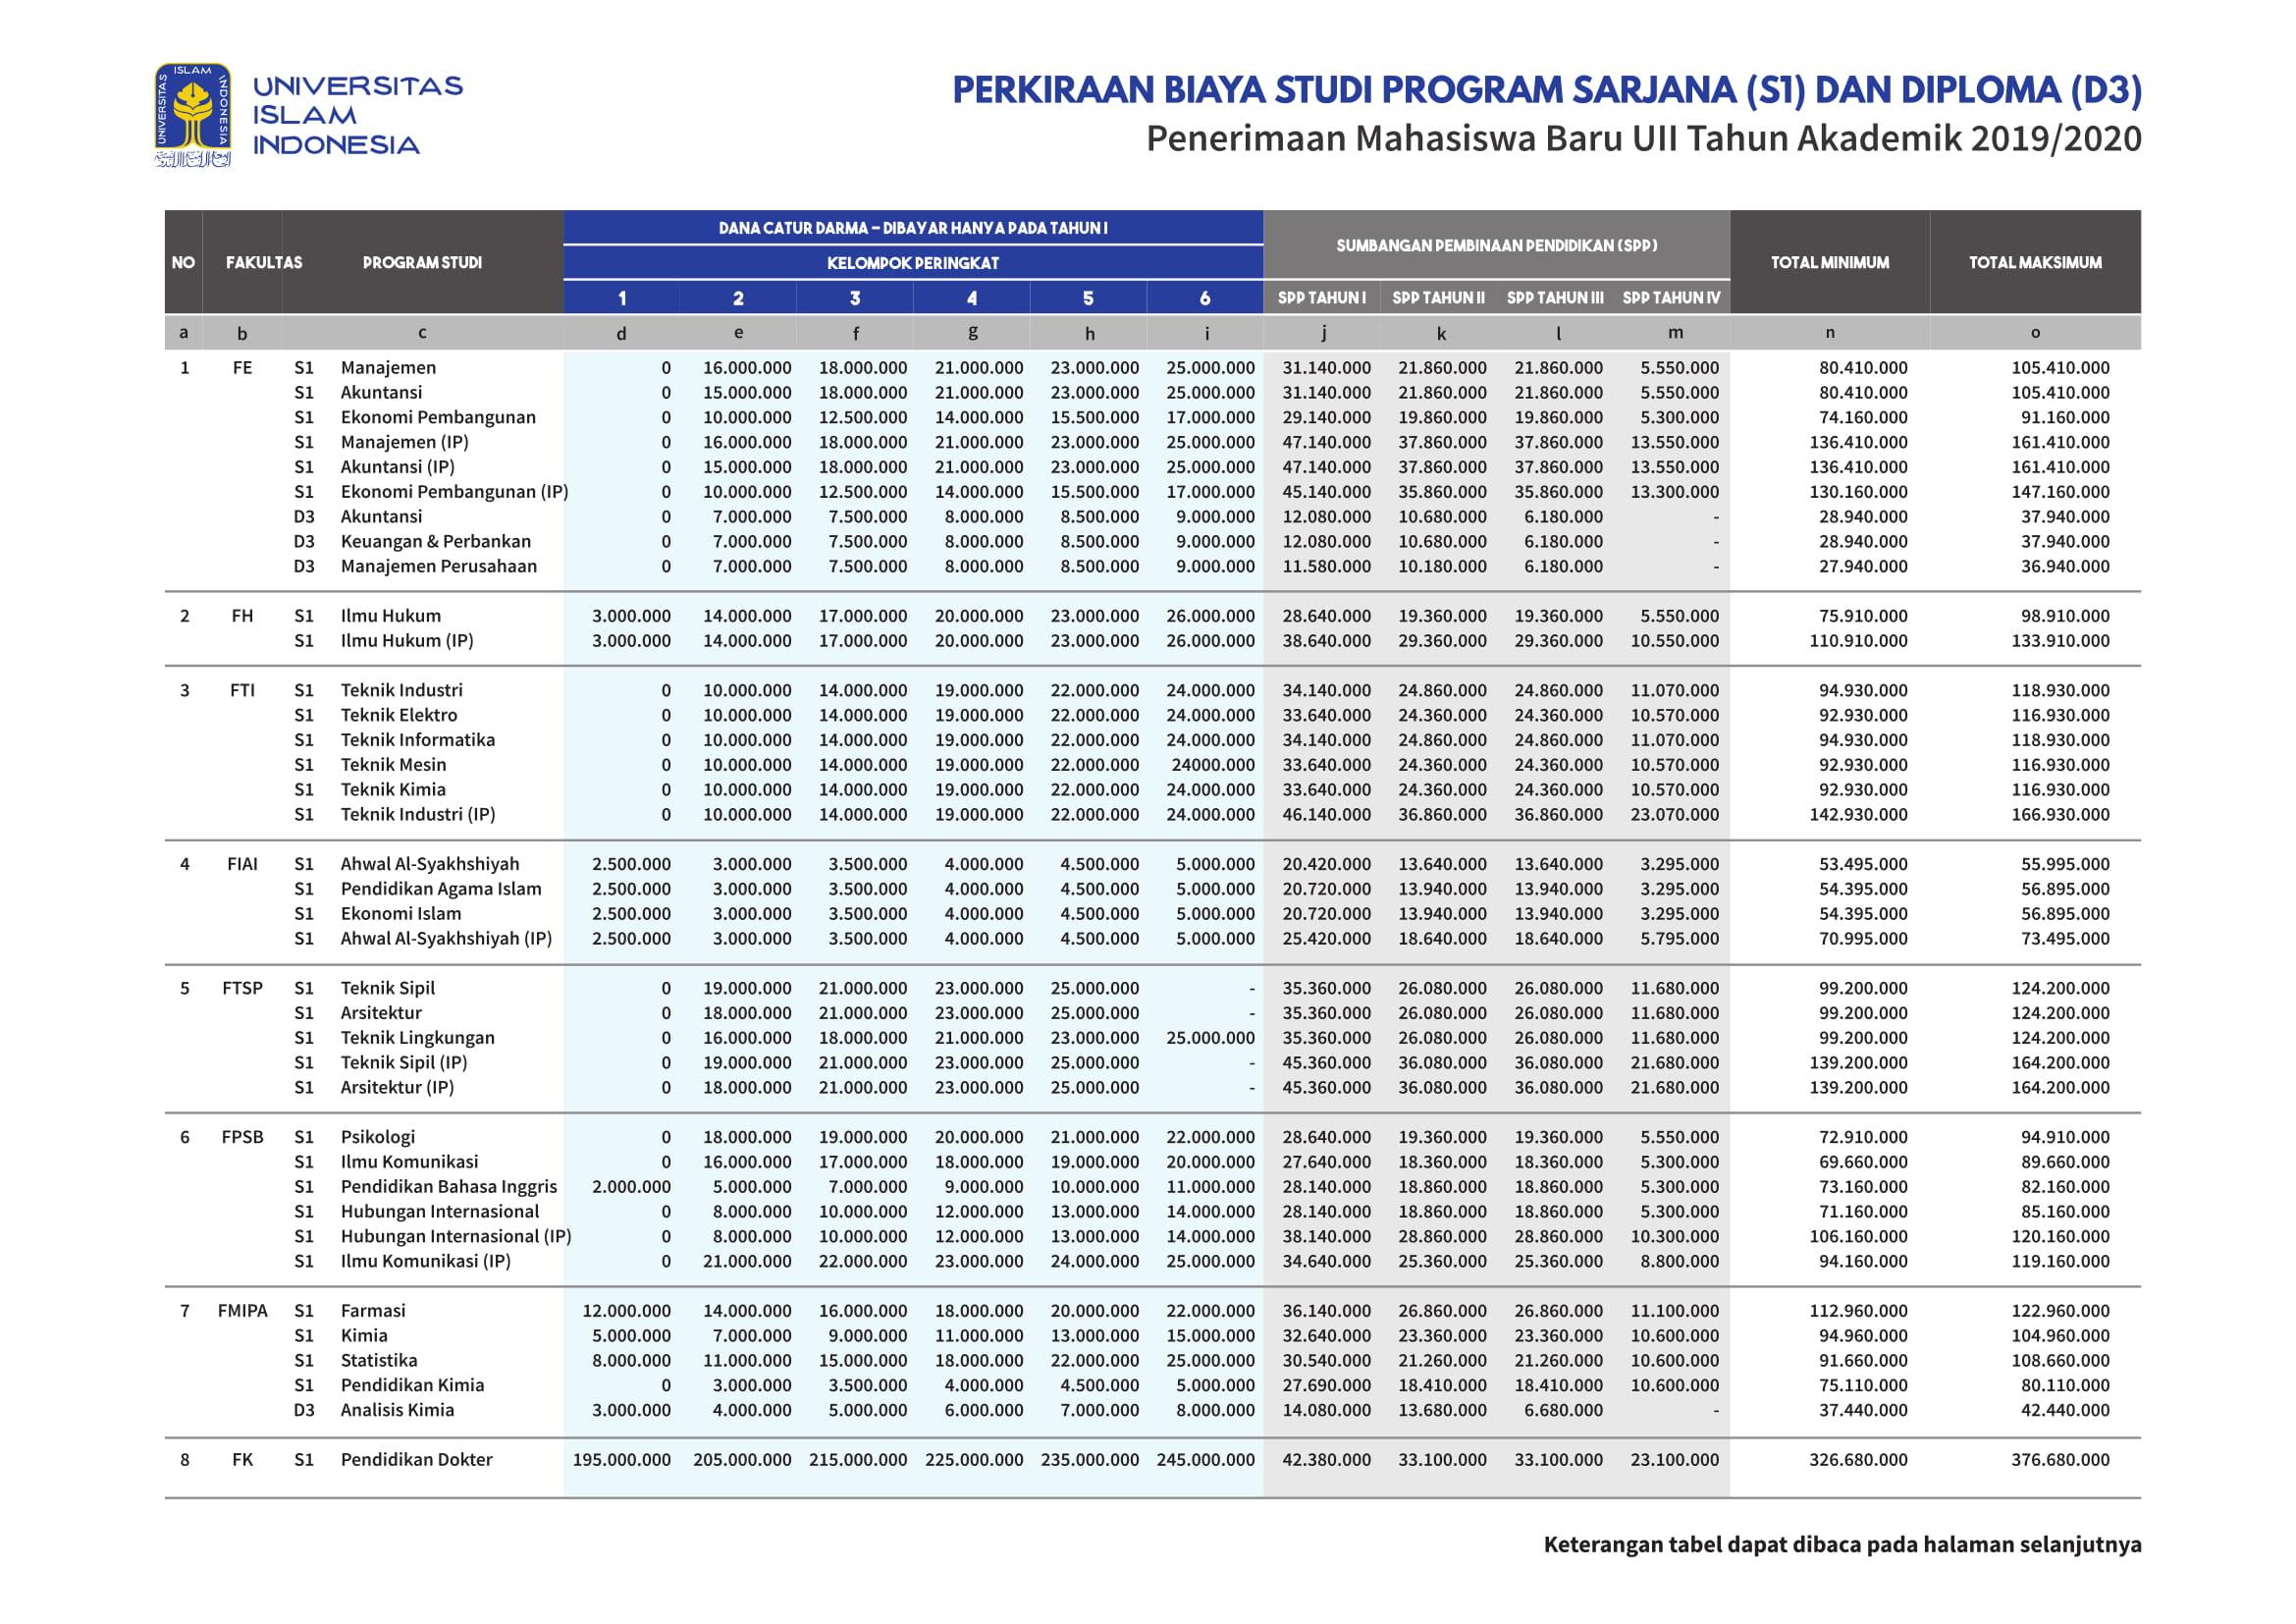 Tabel-Perkiraan-Biaya-Studi-PMB-UII-2019-S1-D3-1